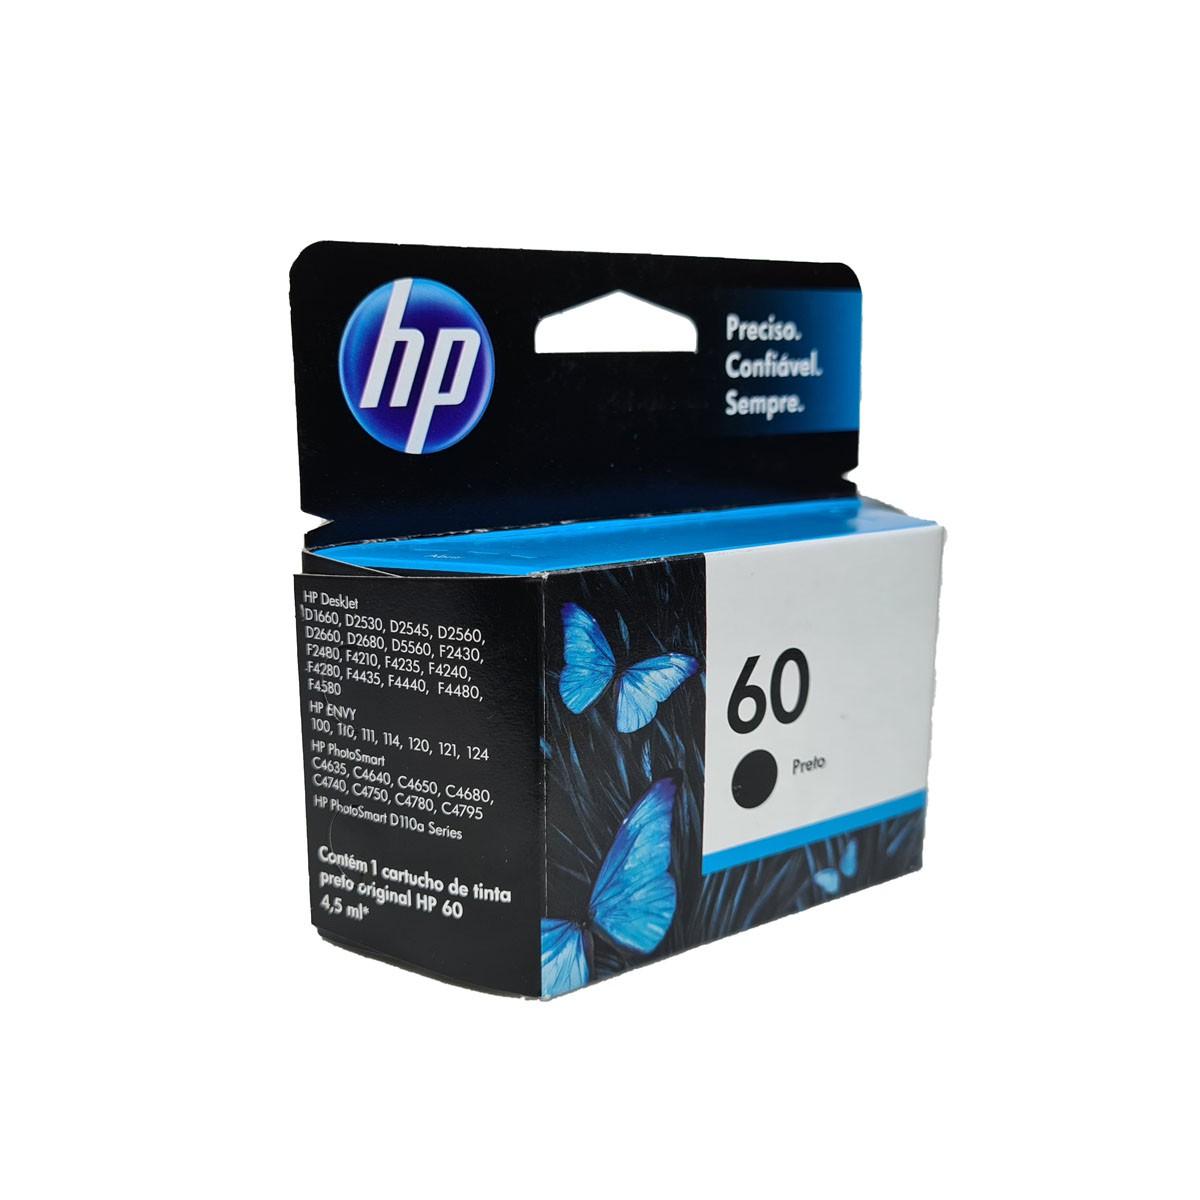 Cartucho HP 60 CC640WB Preto para D1660 F4280 F4480 F4580 C4680 D110